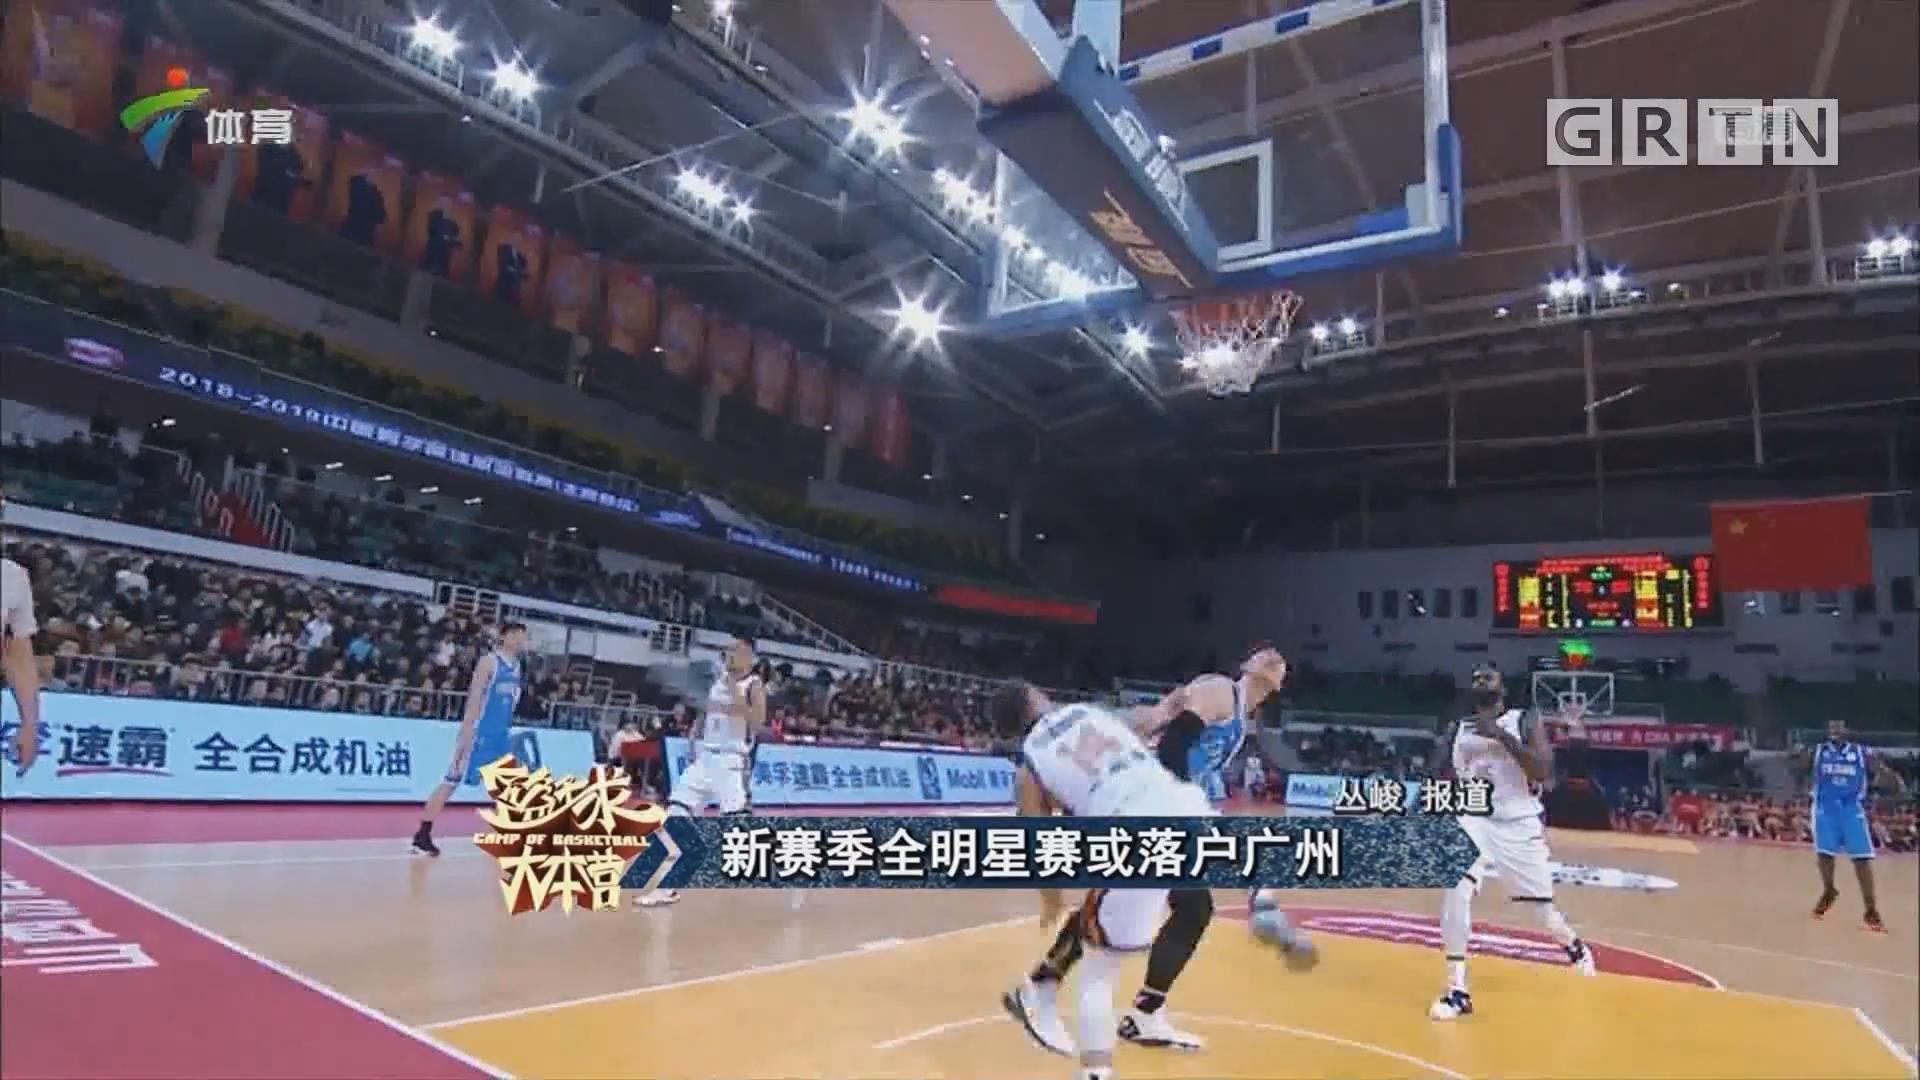 新赛季全明星赛或落户广州